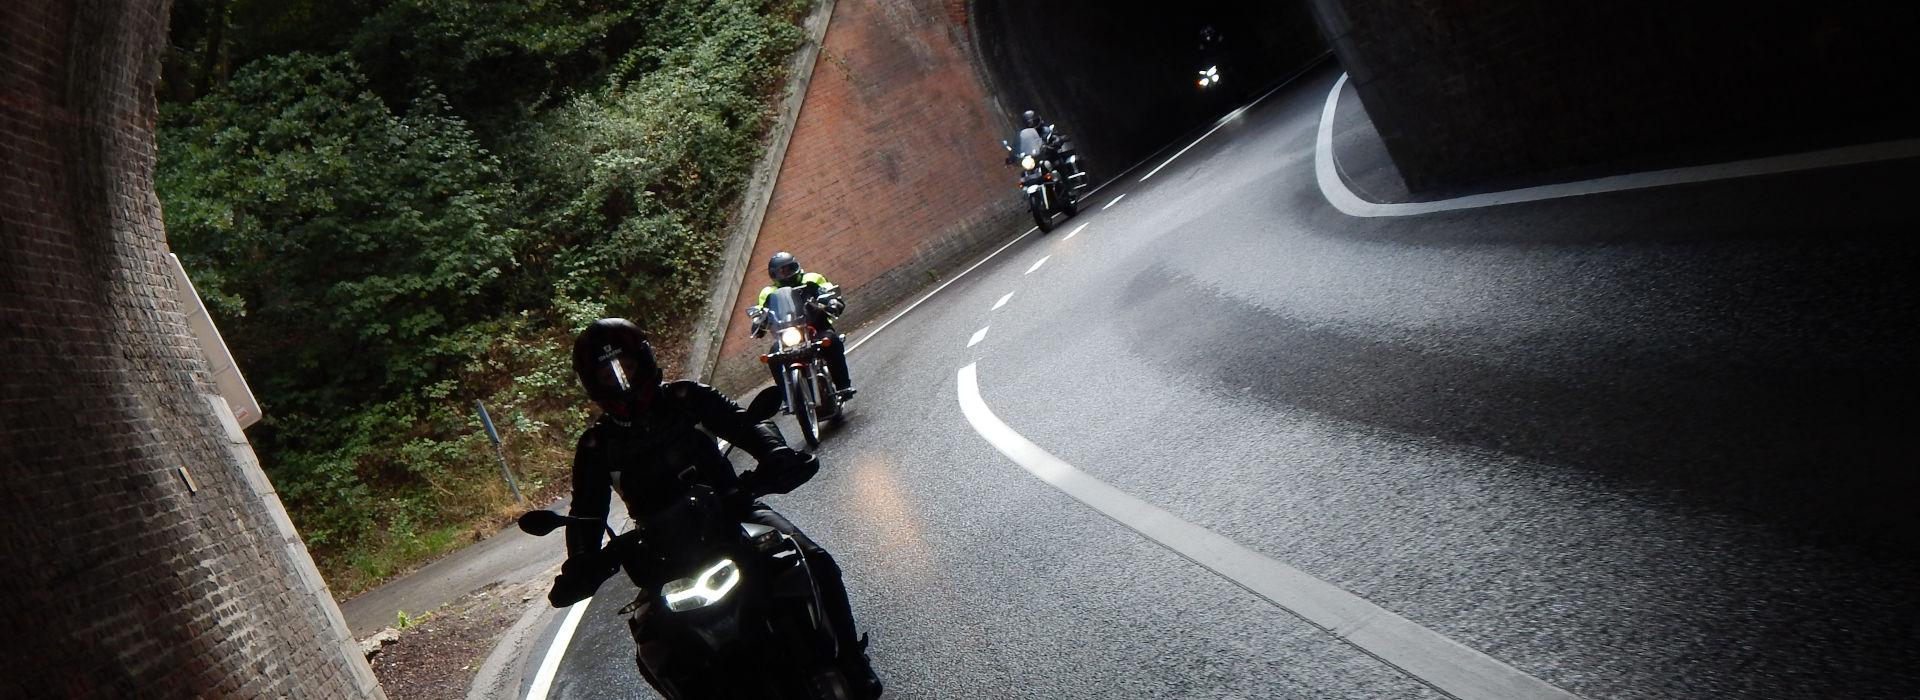 Motorrijbewijspoint Rijnsburg spoed motorrijbewijs